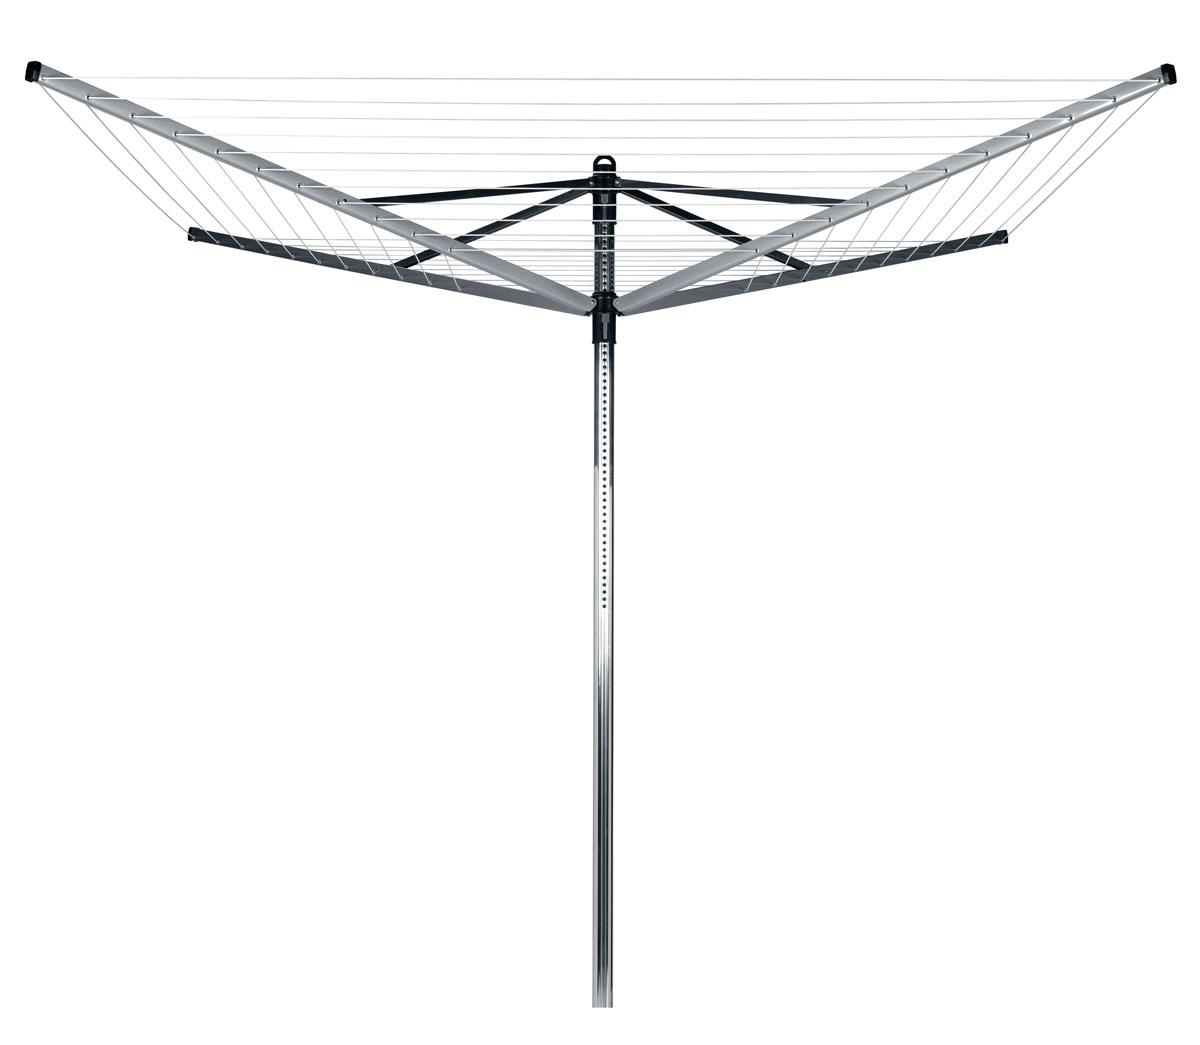 Сушилка для белья Brabantia Lift-O-Matic37003194Сушилка Brabantia Lift-O-Matic с четырьмя направляющими вращается вокруг своей оси и регулируется по высоте. Благодаря вращающейся конструкции, вам не придется ходить вокруг сушилки с корзиной белья, а специальный механизм Lift-O-Matic поможет легко настроить идеальную рабочую высоту сушилки. Особенности: - Изготовлена из материалов, стойких к коррозии: направляющие из стали со специальным покрытием и алюминиевая труба диаметром 45 мм. - Удобно вешать и снимать белье, так как можно легко изменять высоту веревок (от 124 до 182 см).- Сушилка плавно вращается даже при полной загрузке мокрым бельем. - В нижнем положении идеально подходит для проветривания подушек и других постельных принадлежностей. - Компактная модель: сушилка легко складывается и занимает мало места при хранении. Механизм сложения - зонтик. - Высокопрочные струны с противоскользящим профилем. - Металлическое основание для установки сушилки в комплекте.